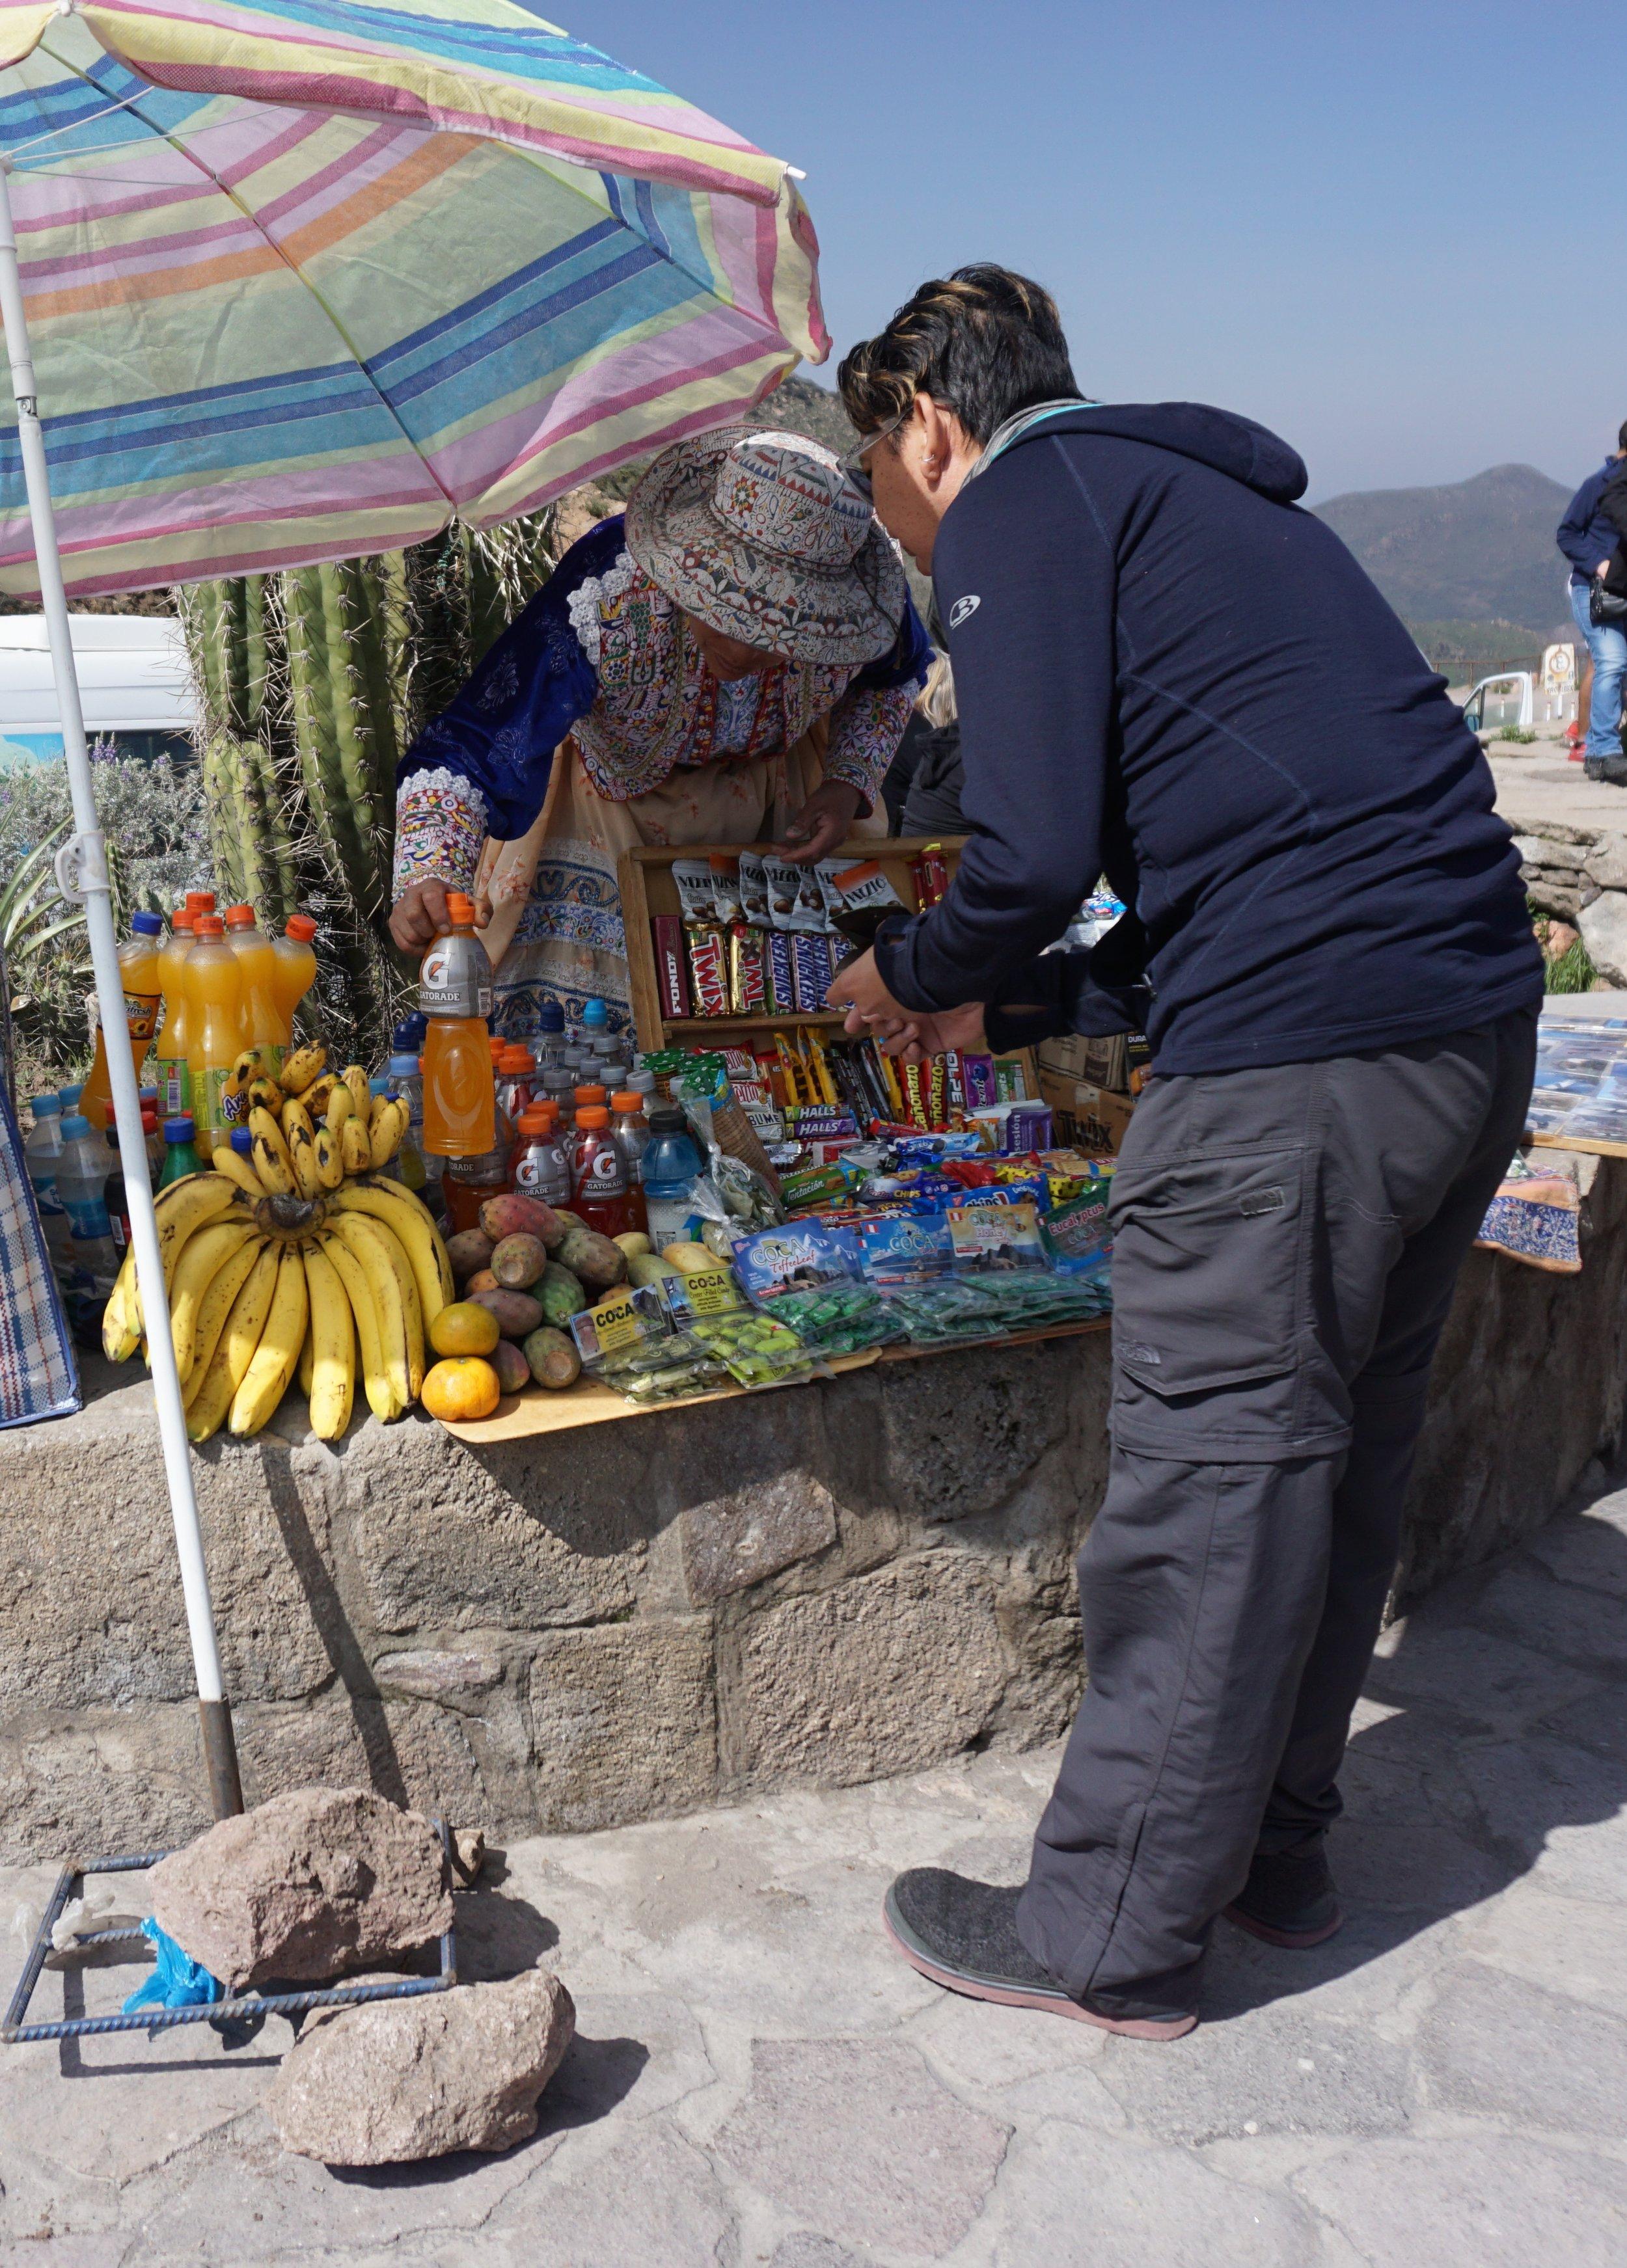 J wheeling and dealing with a vendor at Cruz del Condor